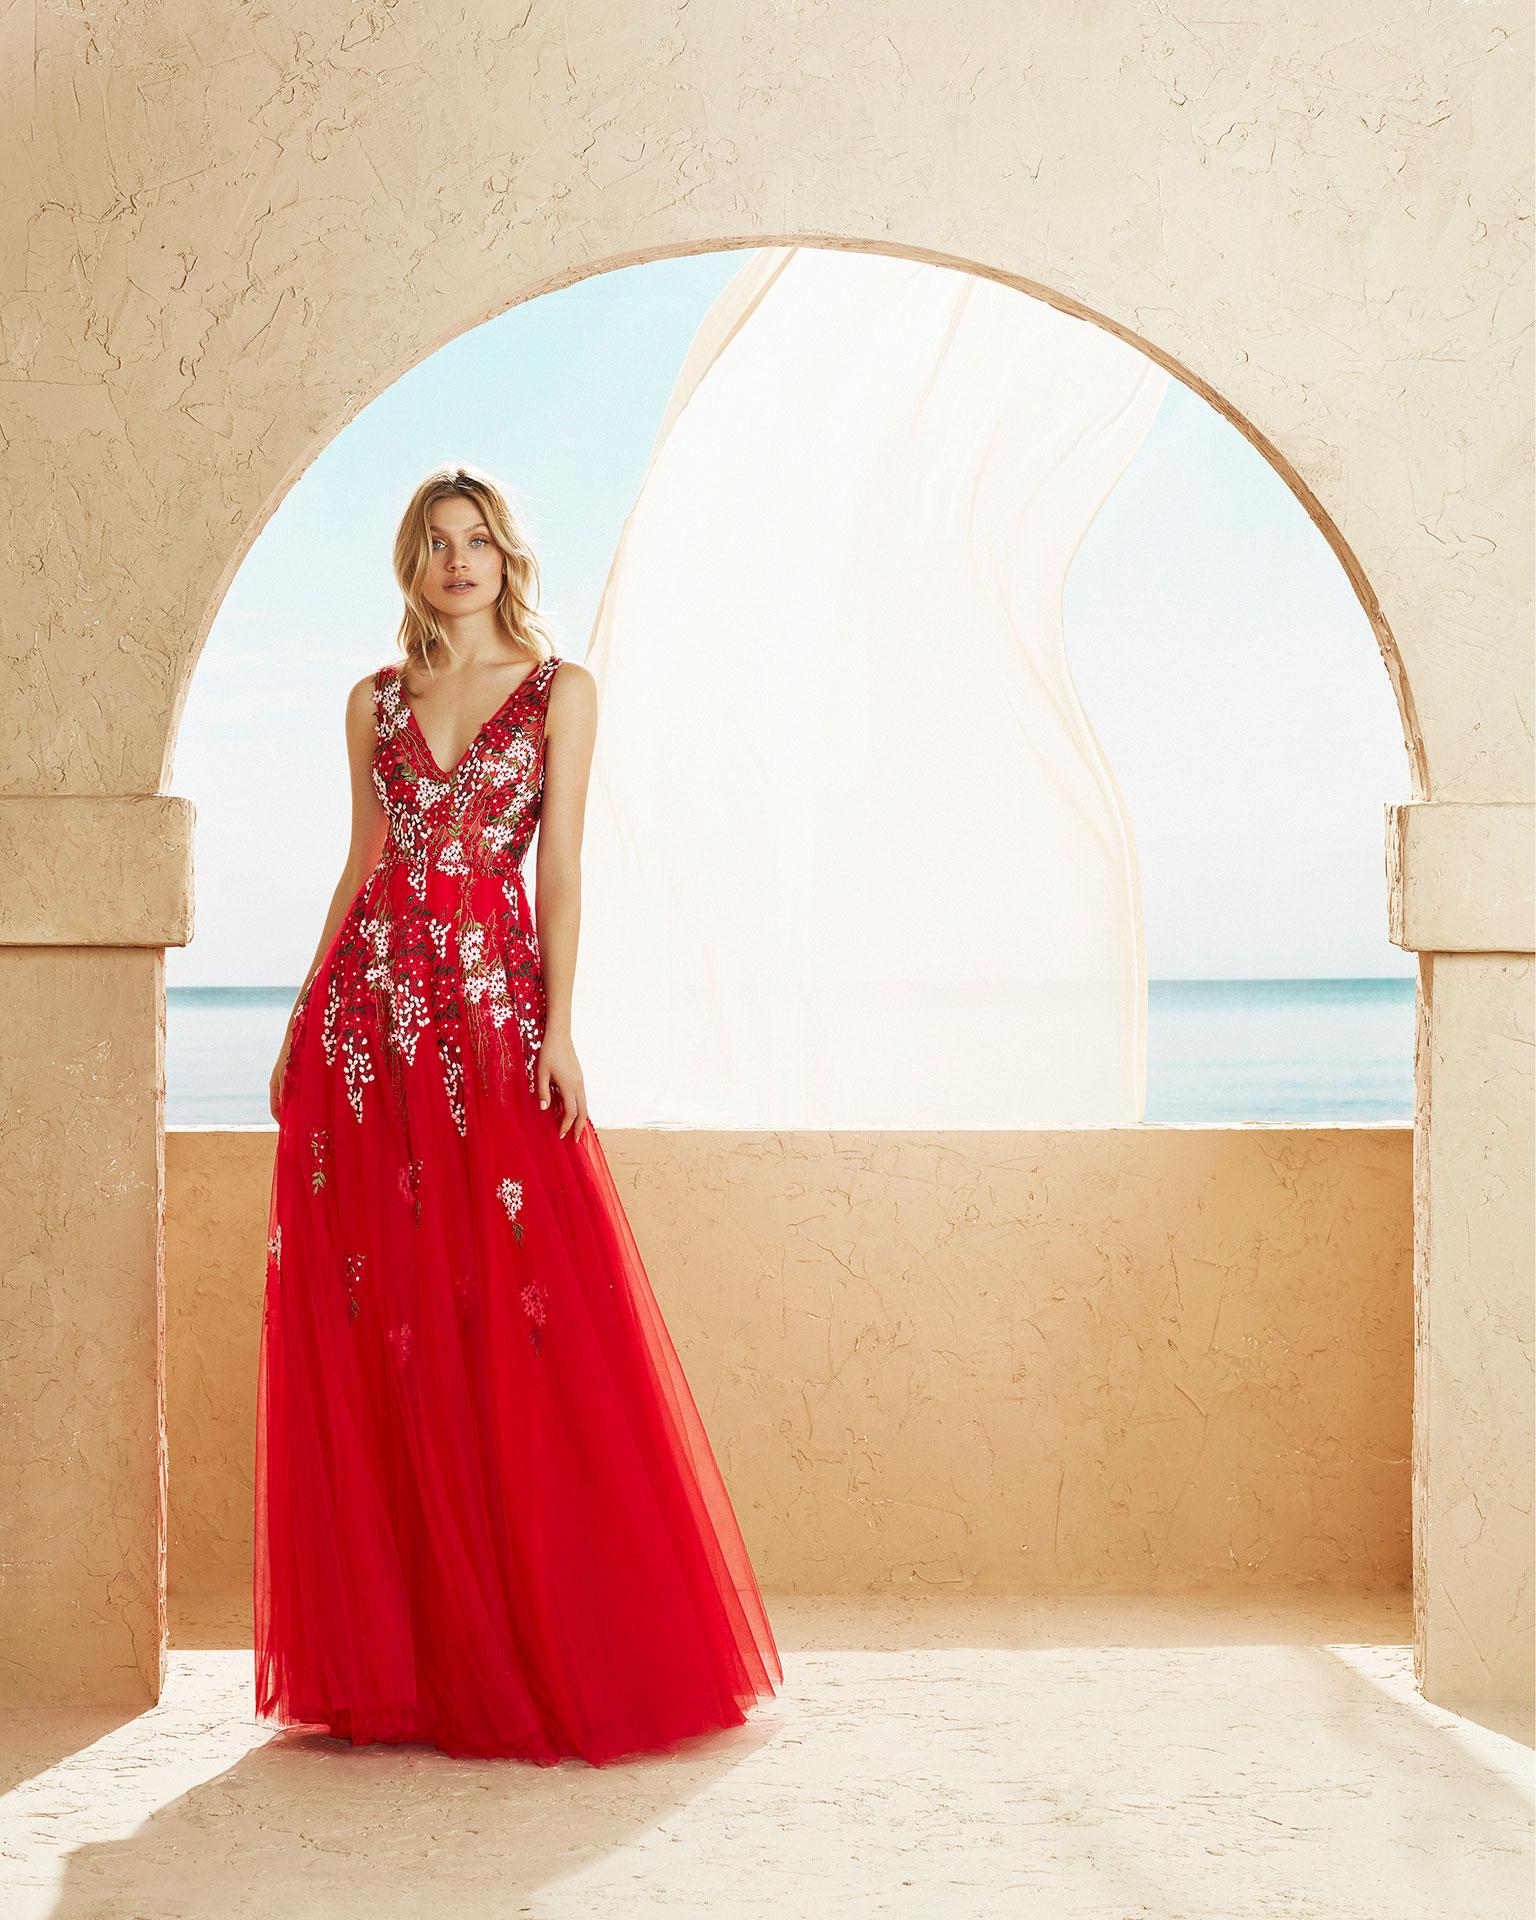 Comprar vestidos de noche baratos